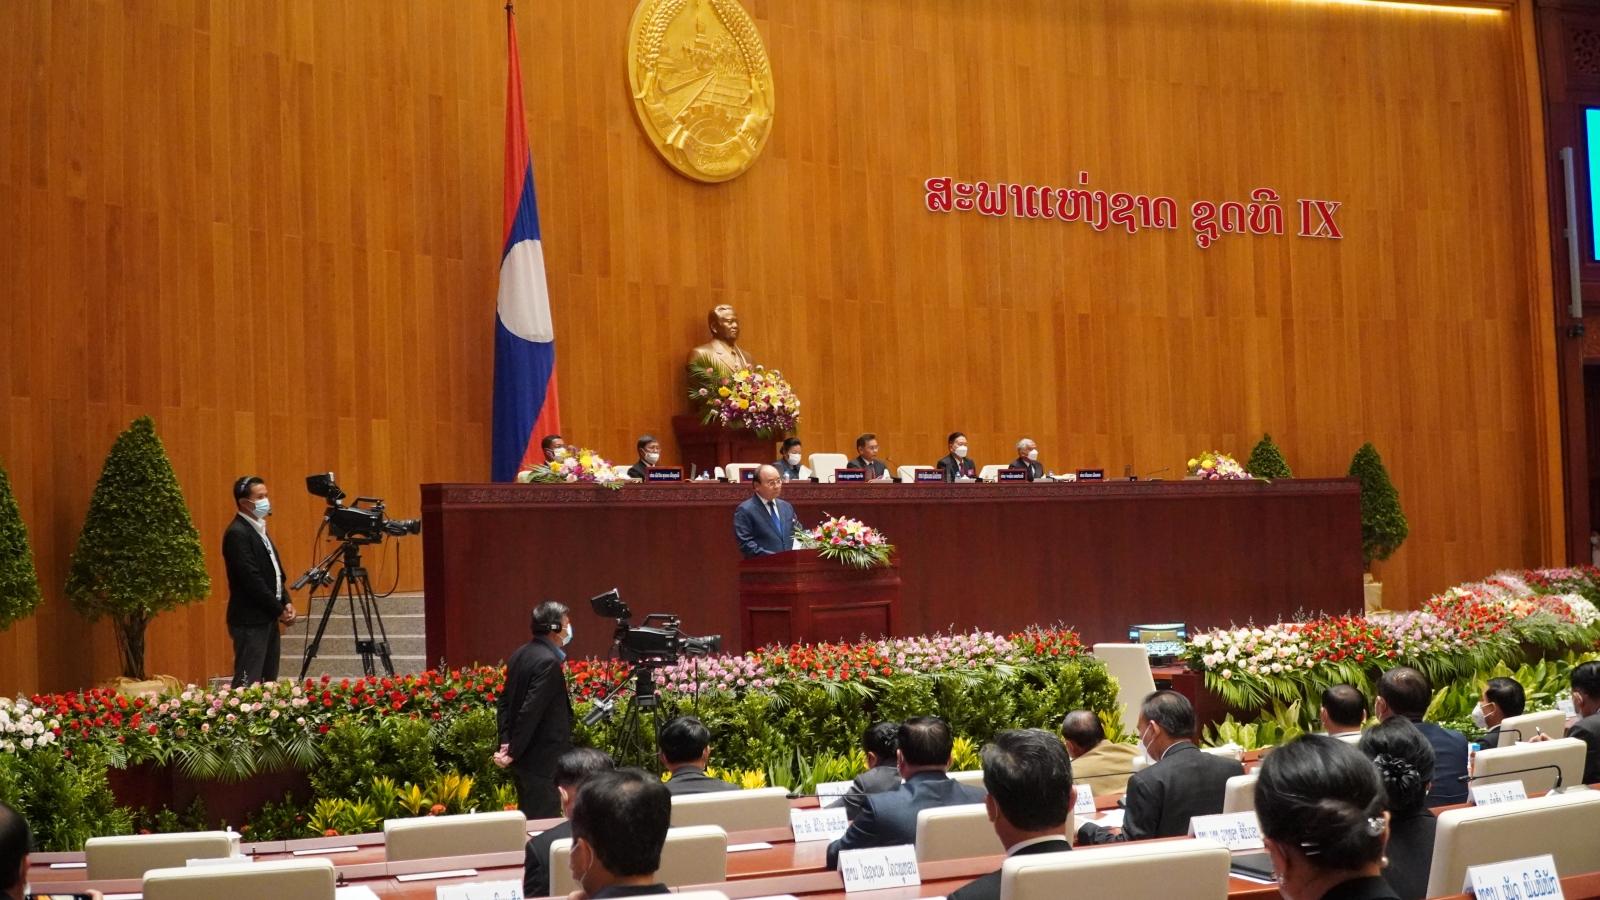 Chủ tịch nước Nguyễn Xuân Phúc nêu nhiều trụ cột hợp tác Việt-Làođểcùnggiàu mạnh